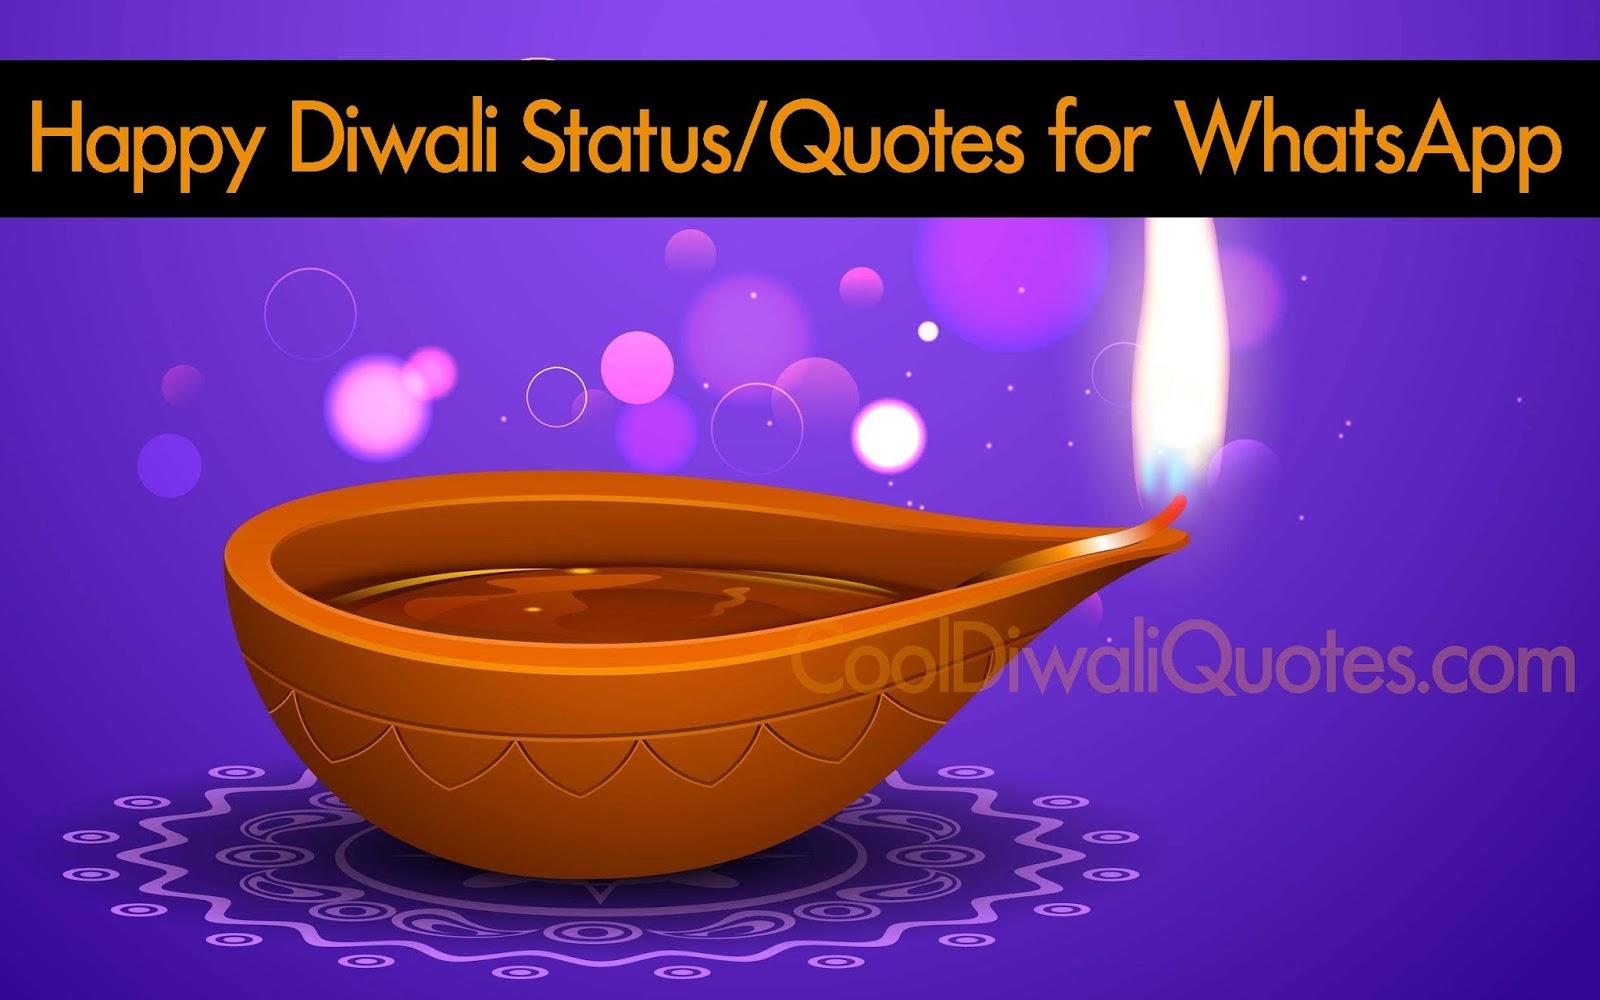 300 happy diwali whatsapp facebook status quotes in 2017 300 happy diwali whatsapp facebook status quotes in 2017 kristyandbryce Gallery